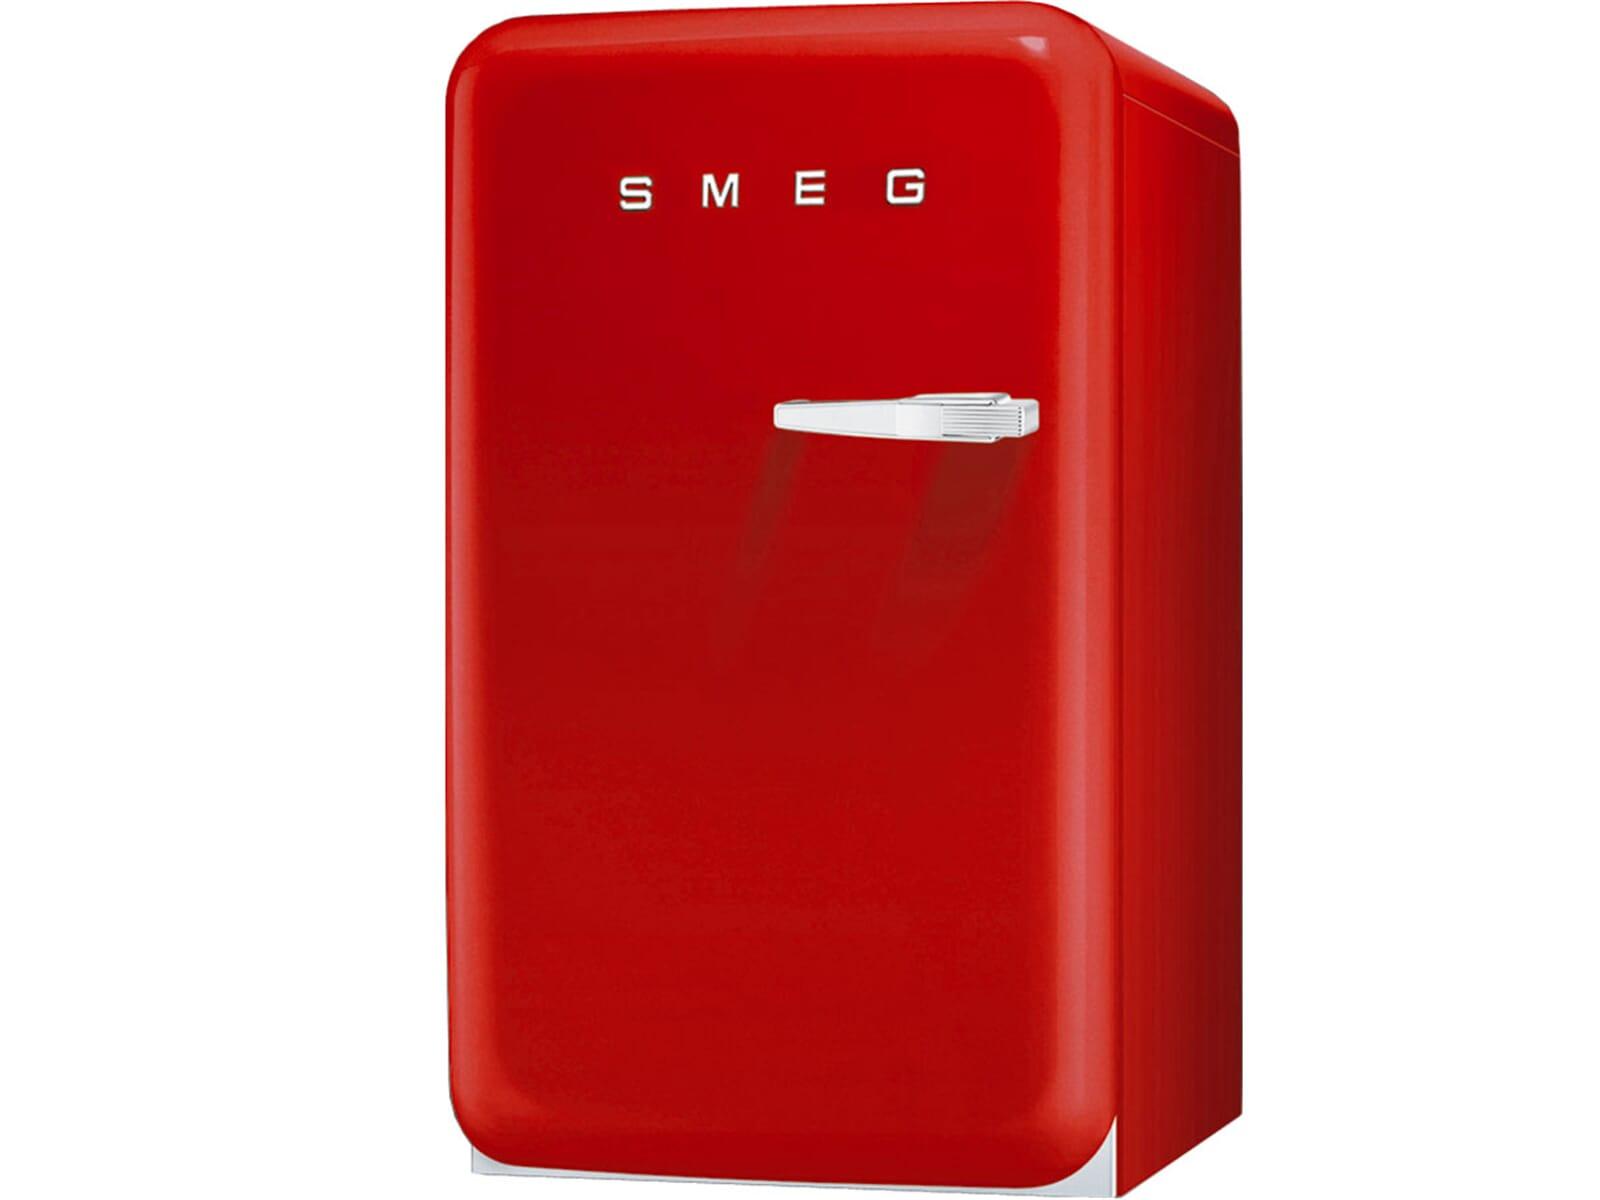 Kühlschrank Rosa : Smeg kühlschrank rosa retro kühlschrank smeg verwirrend auf